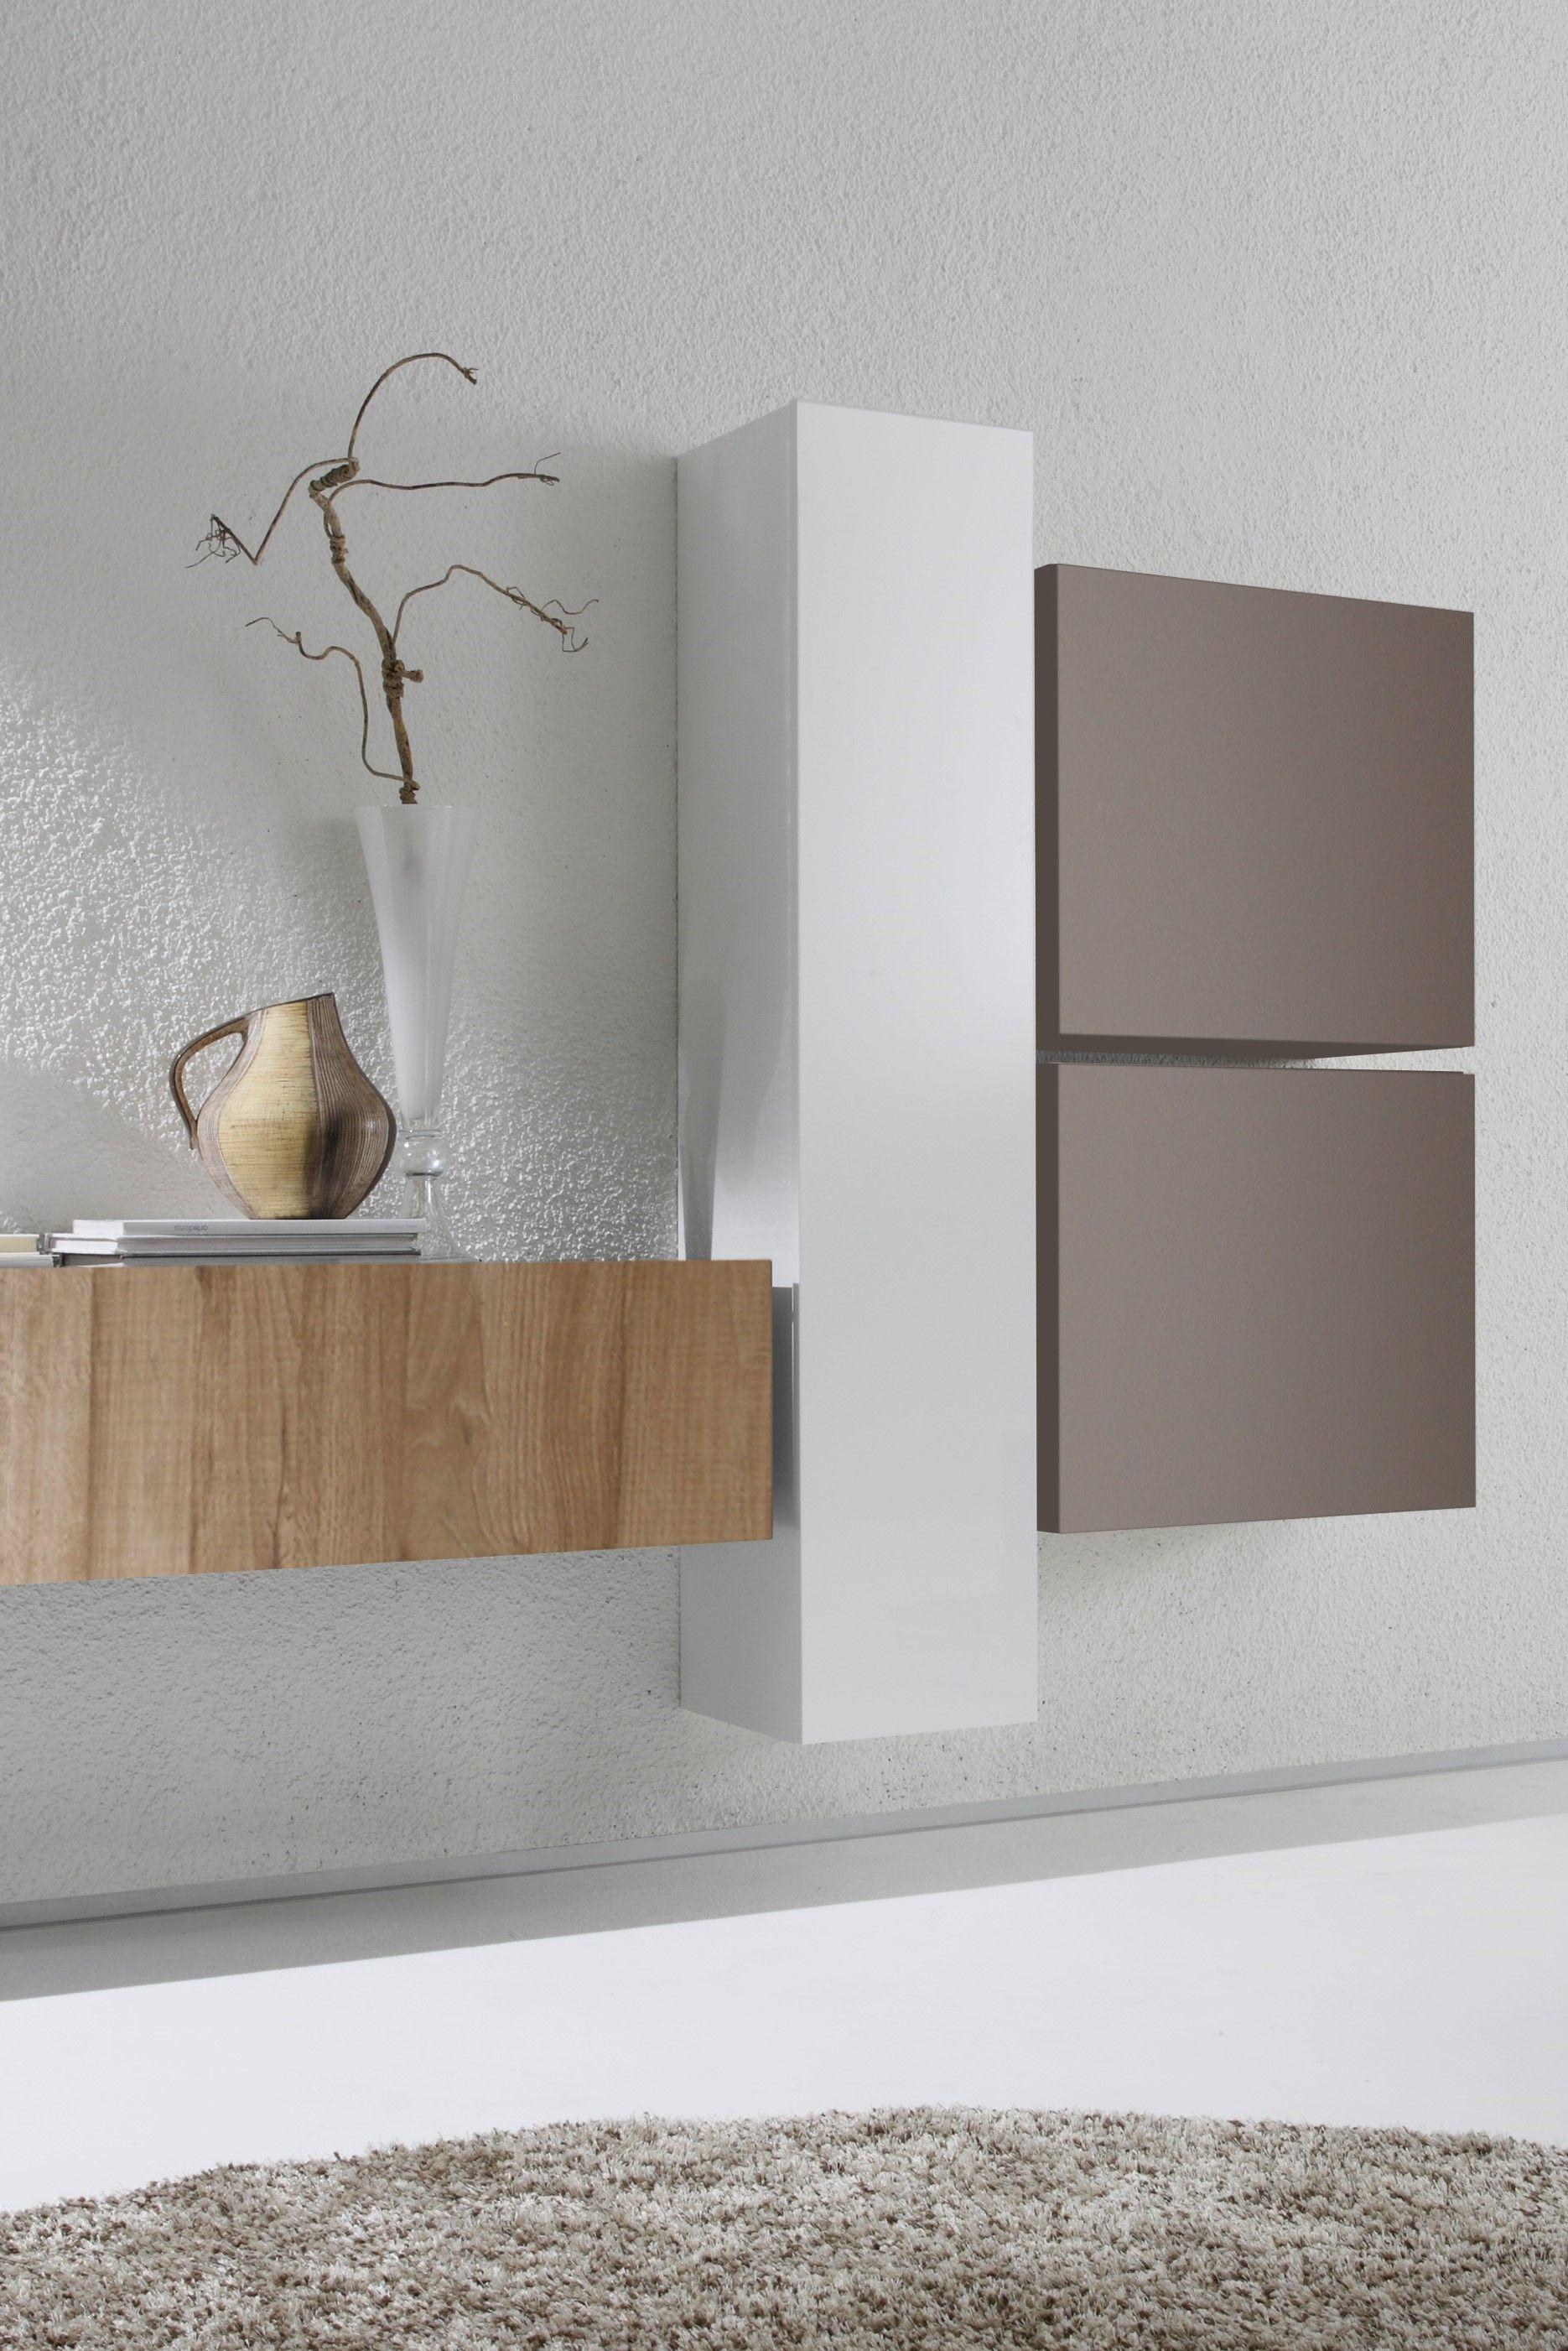 Livingroom Modern Weiss Eiche Wohnungseinrichtung Wohnzimmer